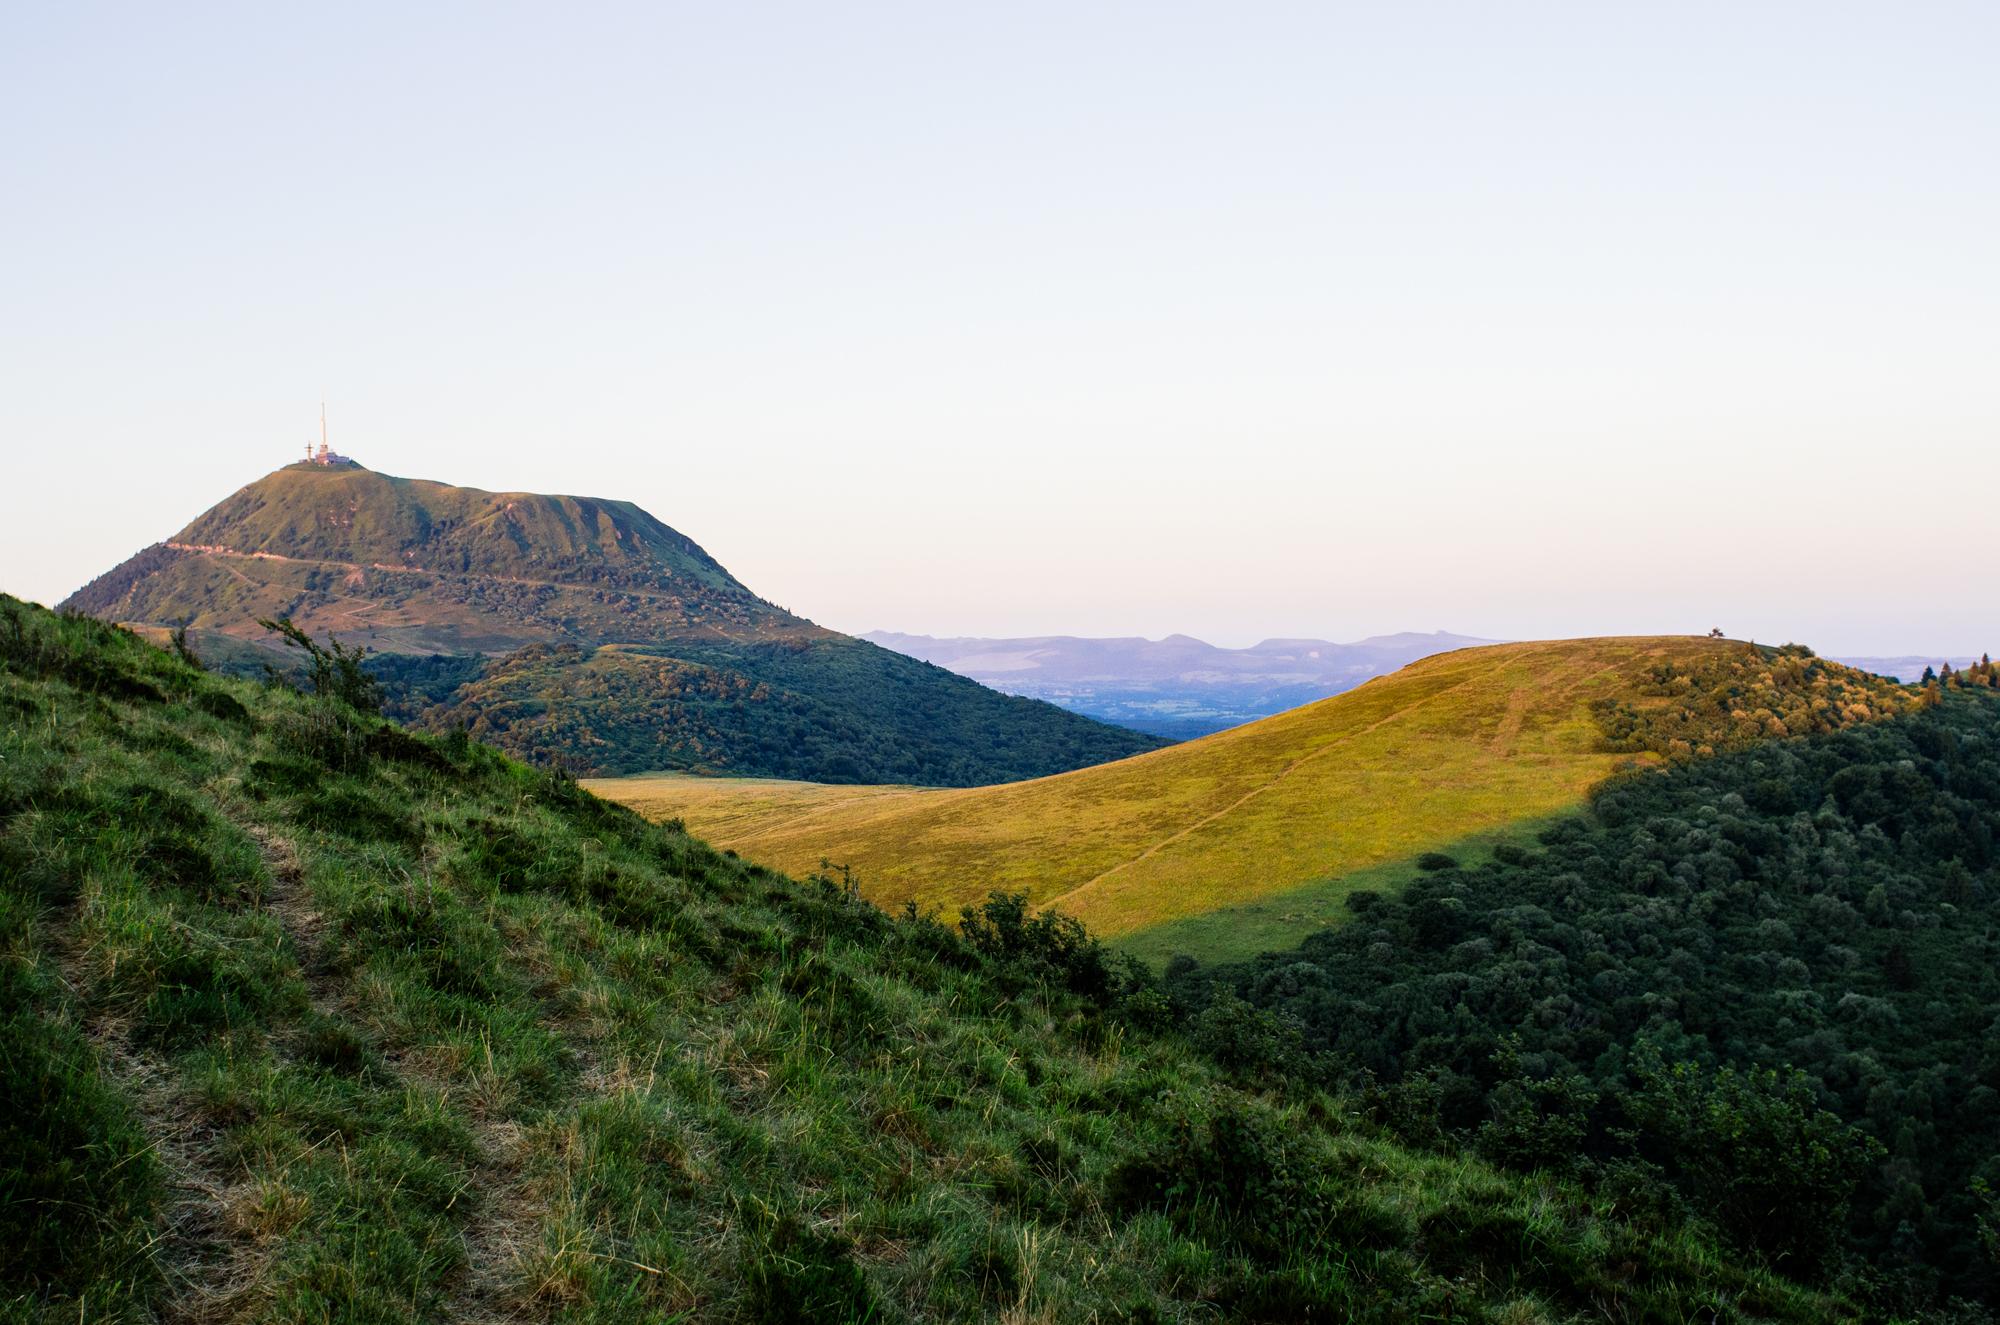 Road-trip en France - Le Puy de dôme depuis le Puy Celsi